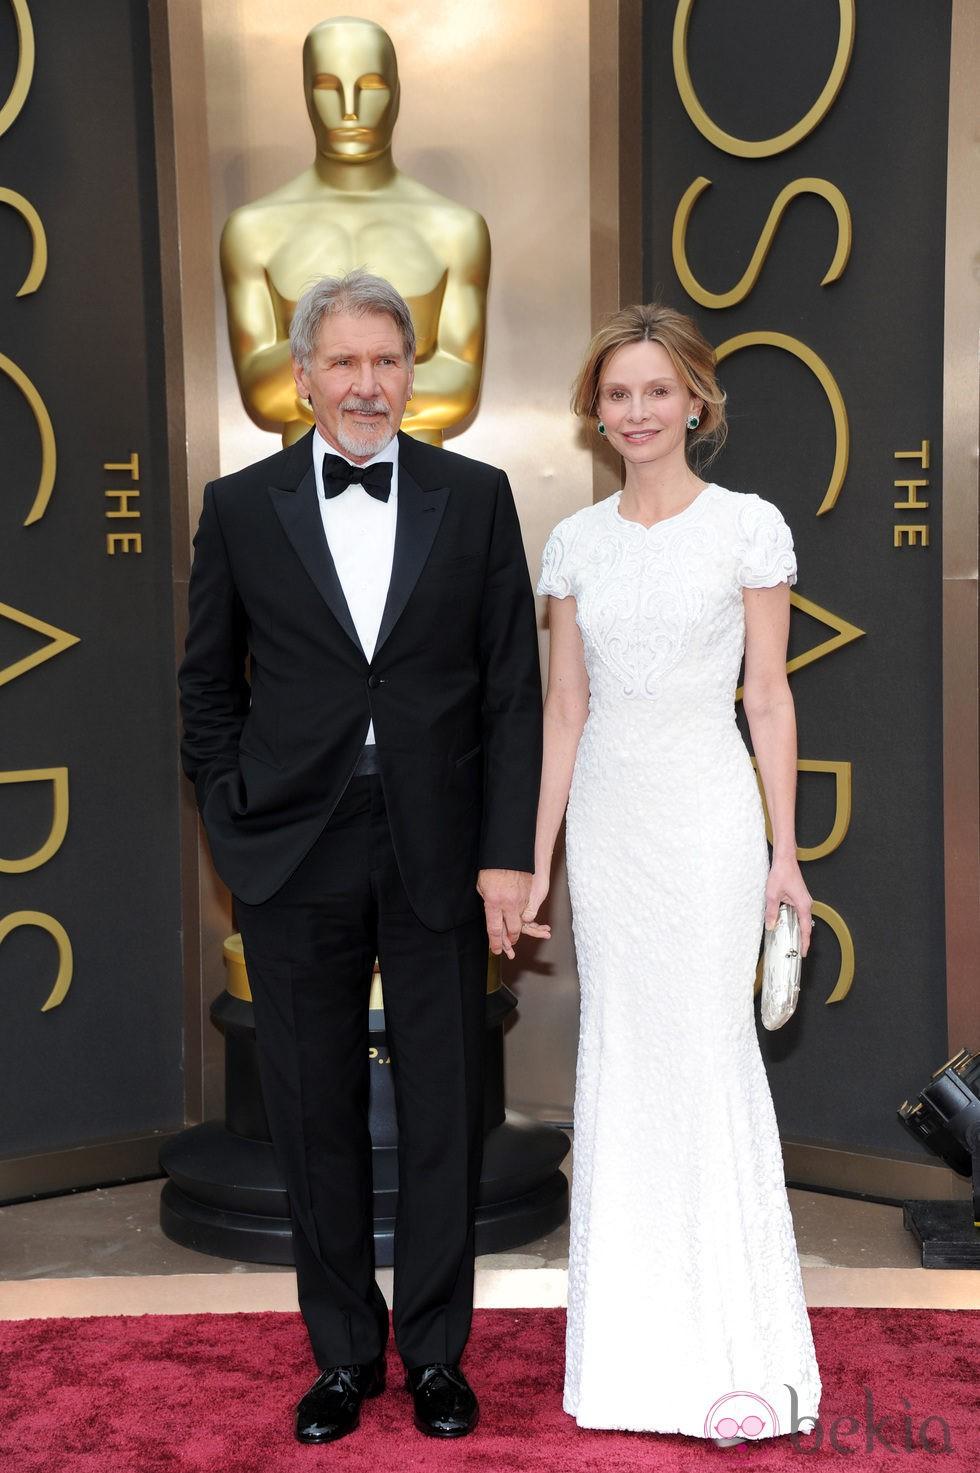 Harrison Ford y Calista Flockart en la alfombra roja de los Oscar 2014 - Alfombra roja ...  Harrison